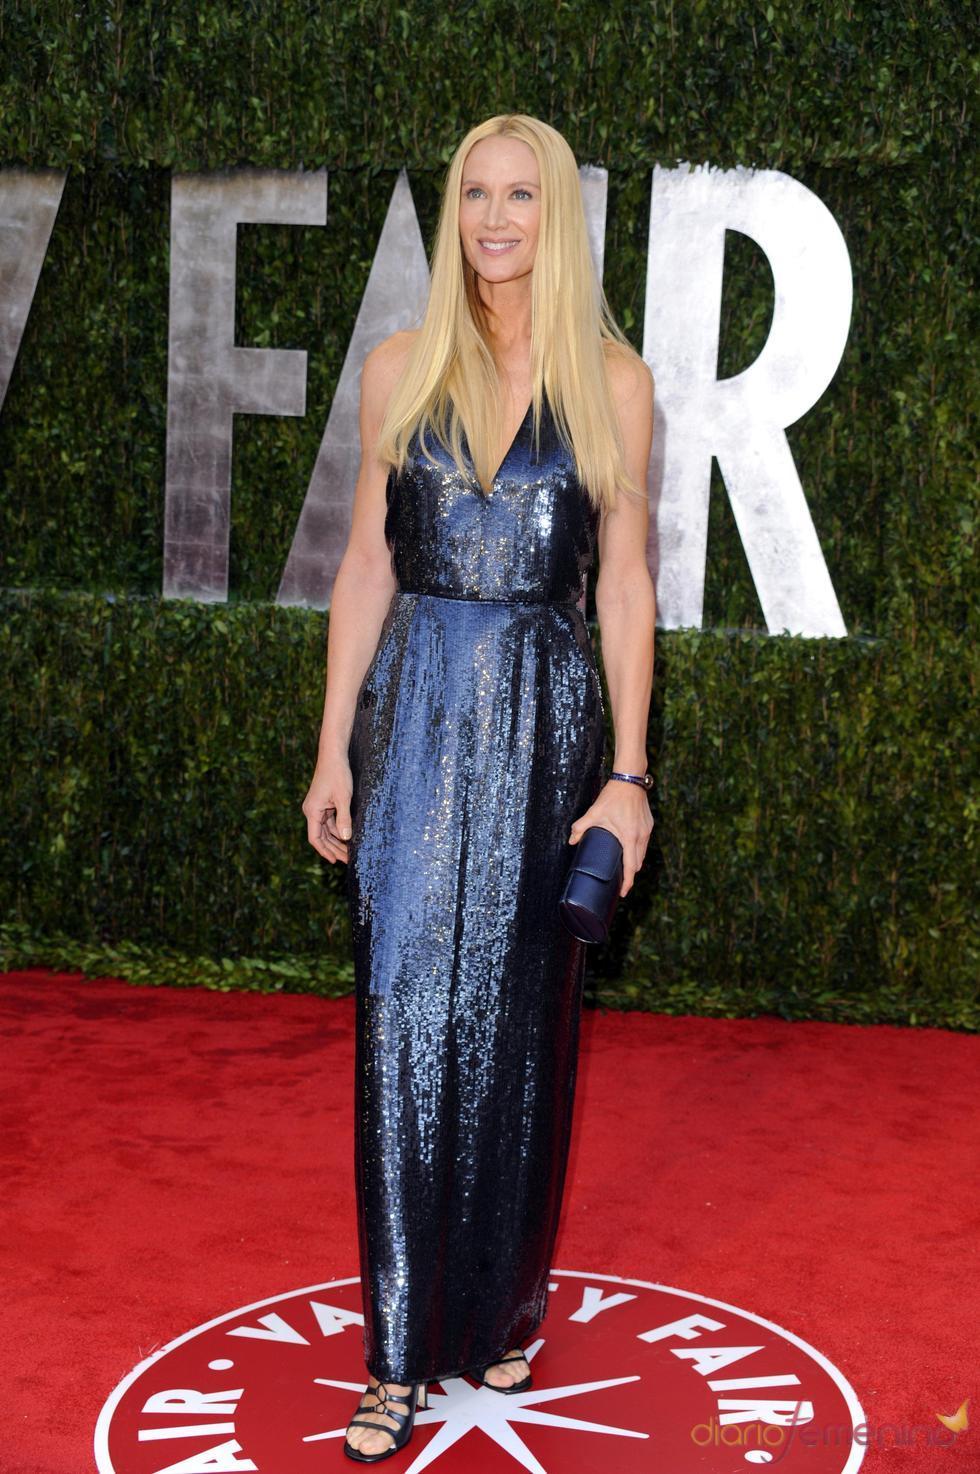 Kelly Lynch en la fiesta Vanity Fair Oscar 2010